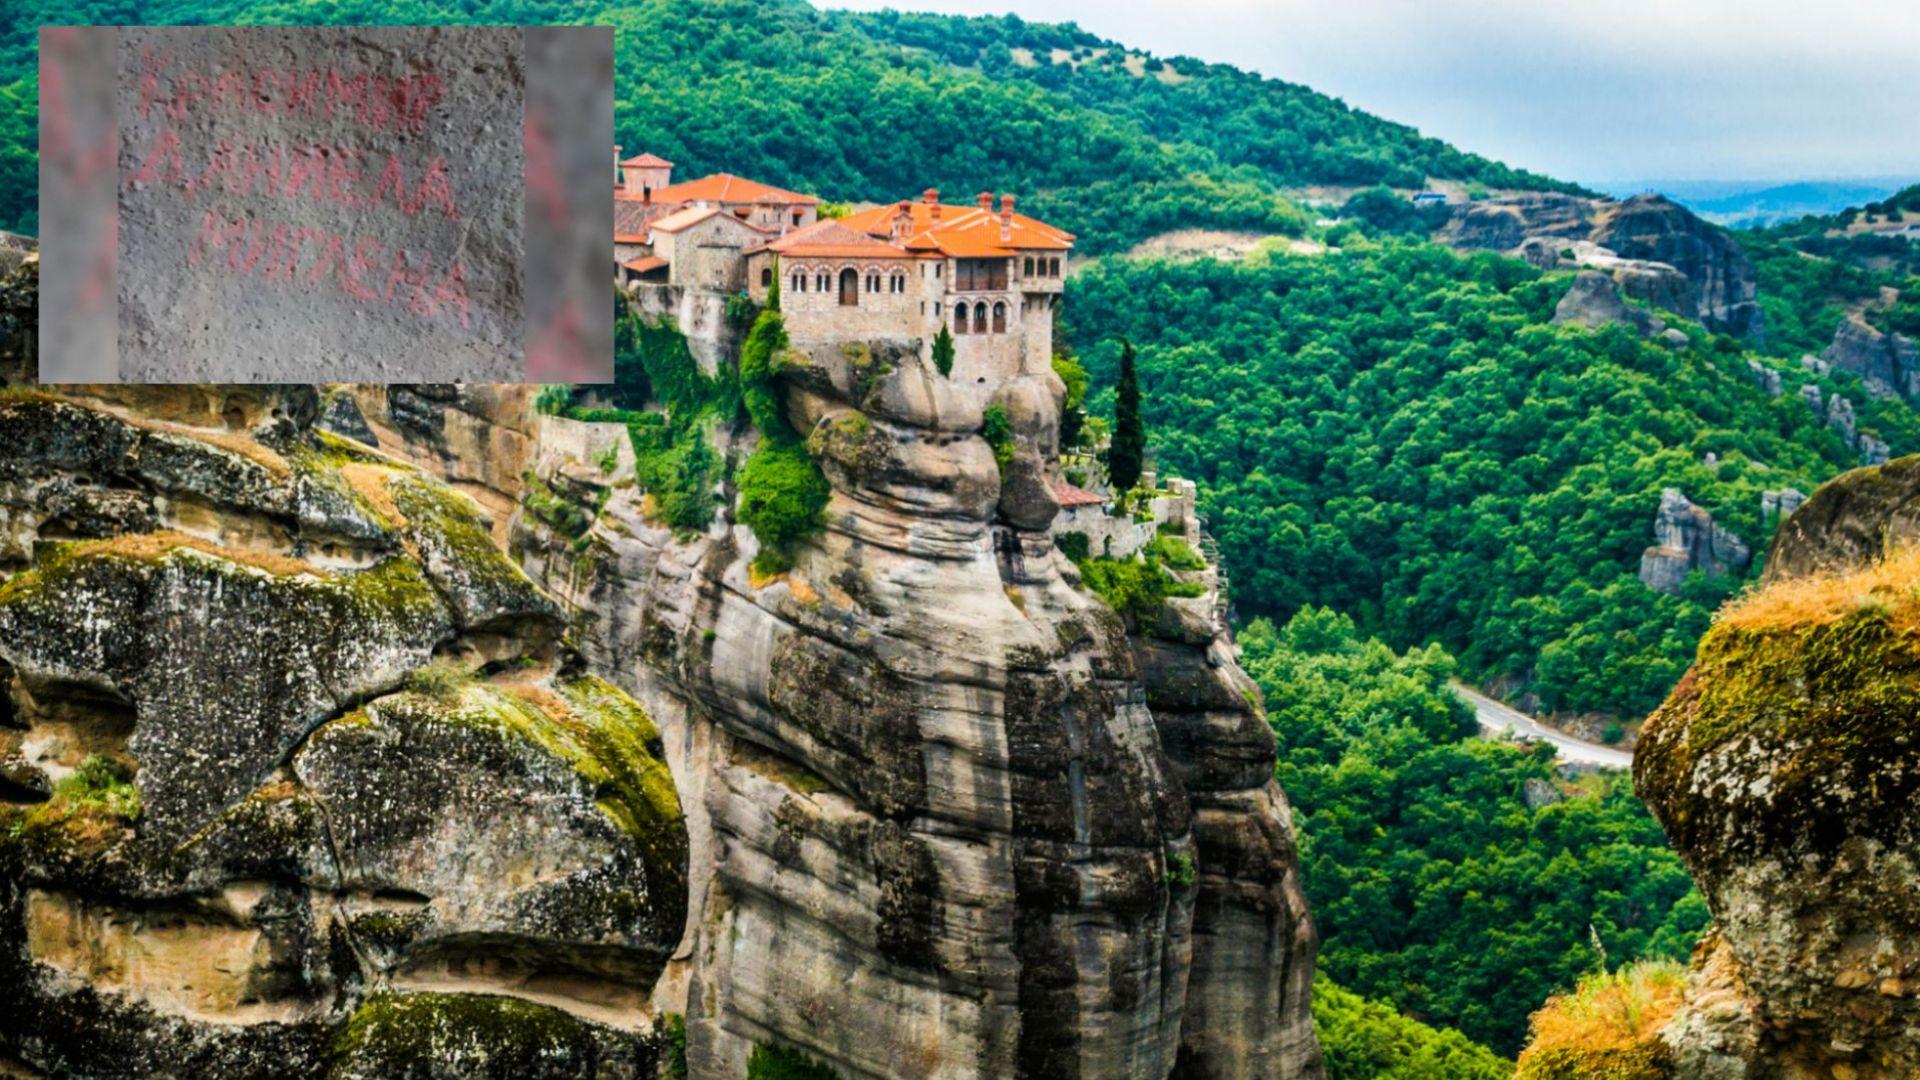 Българи изписаха имената си със спрей върху скалните ниши в Метеора